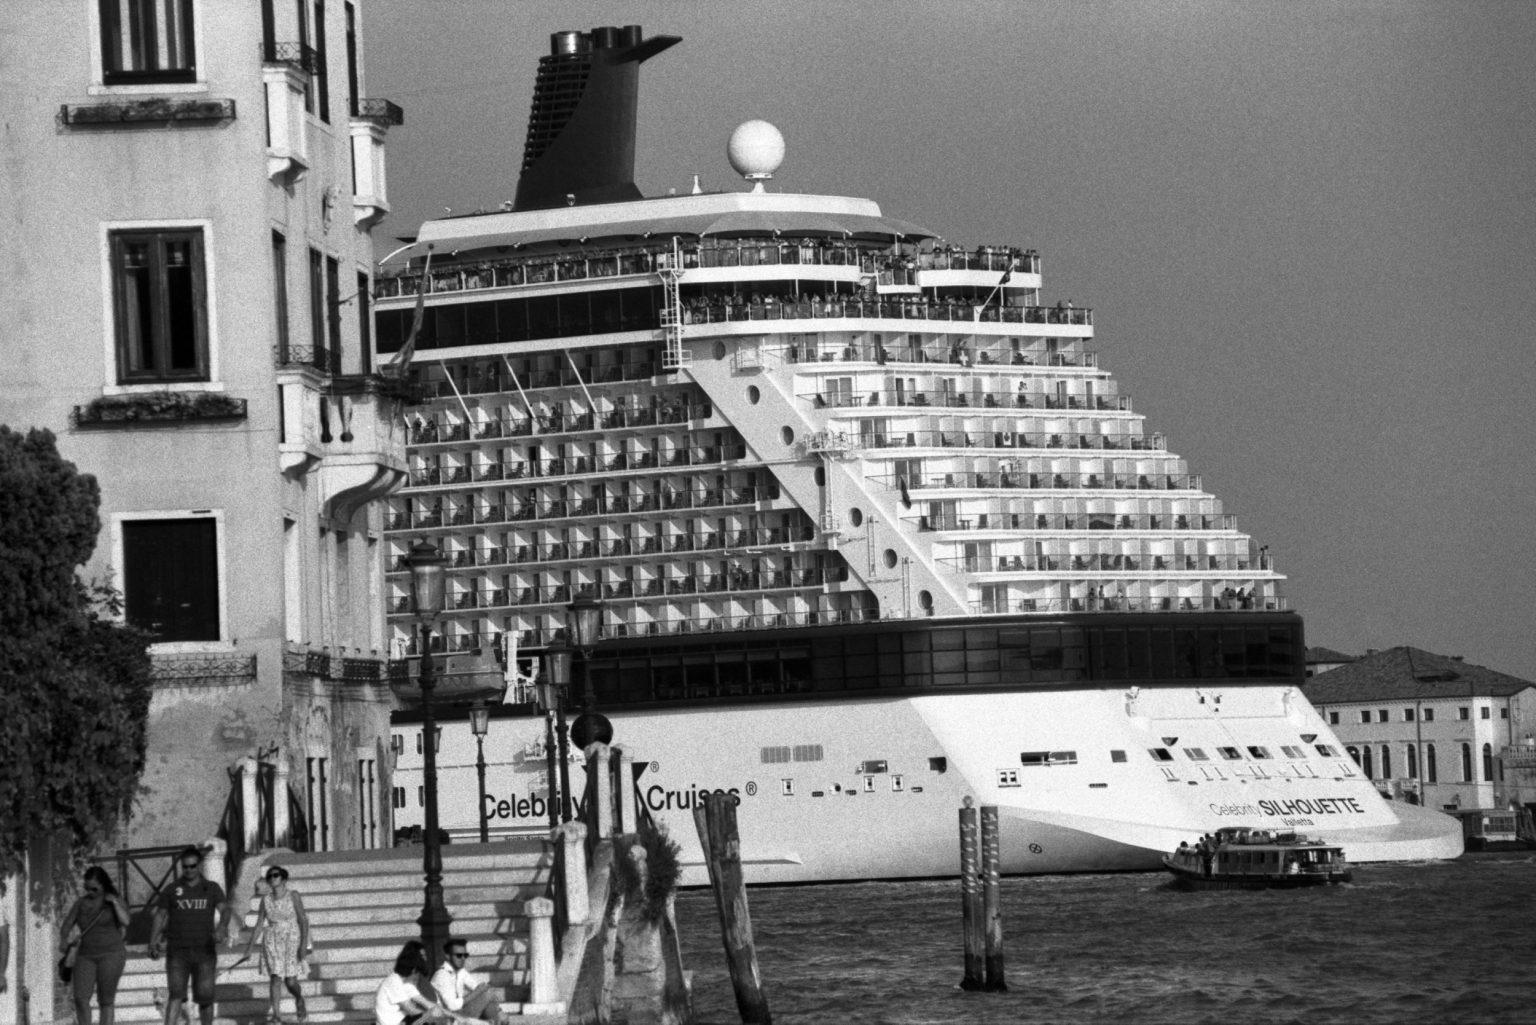 """Venice, August 2013 - Big cruise liners invade the city - MSC Celebrity Silhouette cruise ship passing by the old town ><  Venezia, agosto 2013 - Le grandi navi da crociera invadono la città - La  La nave da crociera Celebrity Silhouette Celebrity Silhouette passa davanti al centro storico<p><span style=""""color: #ff0000""""><strong>*** SPECIAL   FEE   APPLIES ***</strong></span></p>*** SPECIAL   FEE   APPLIES *** *** Local Caption *** 00483770"""